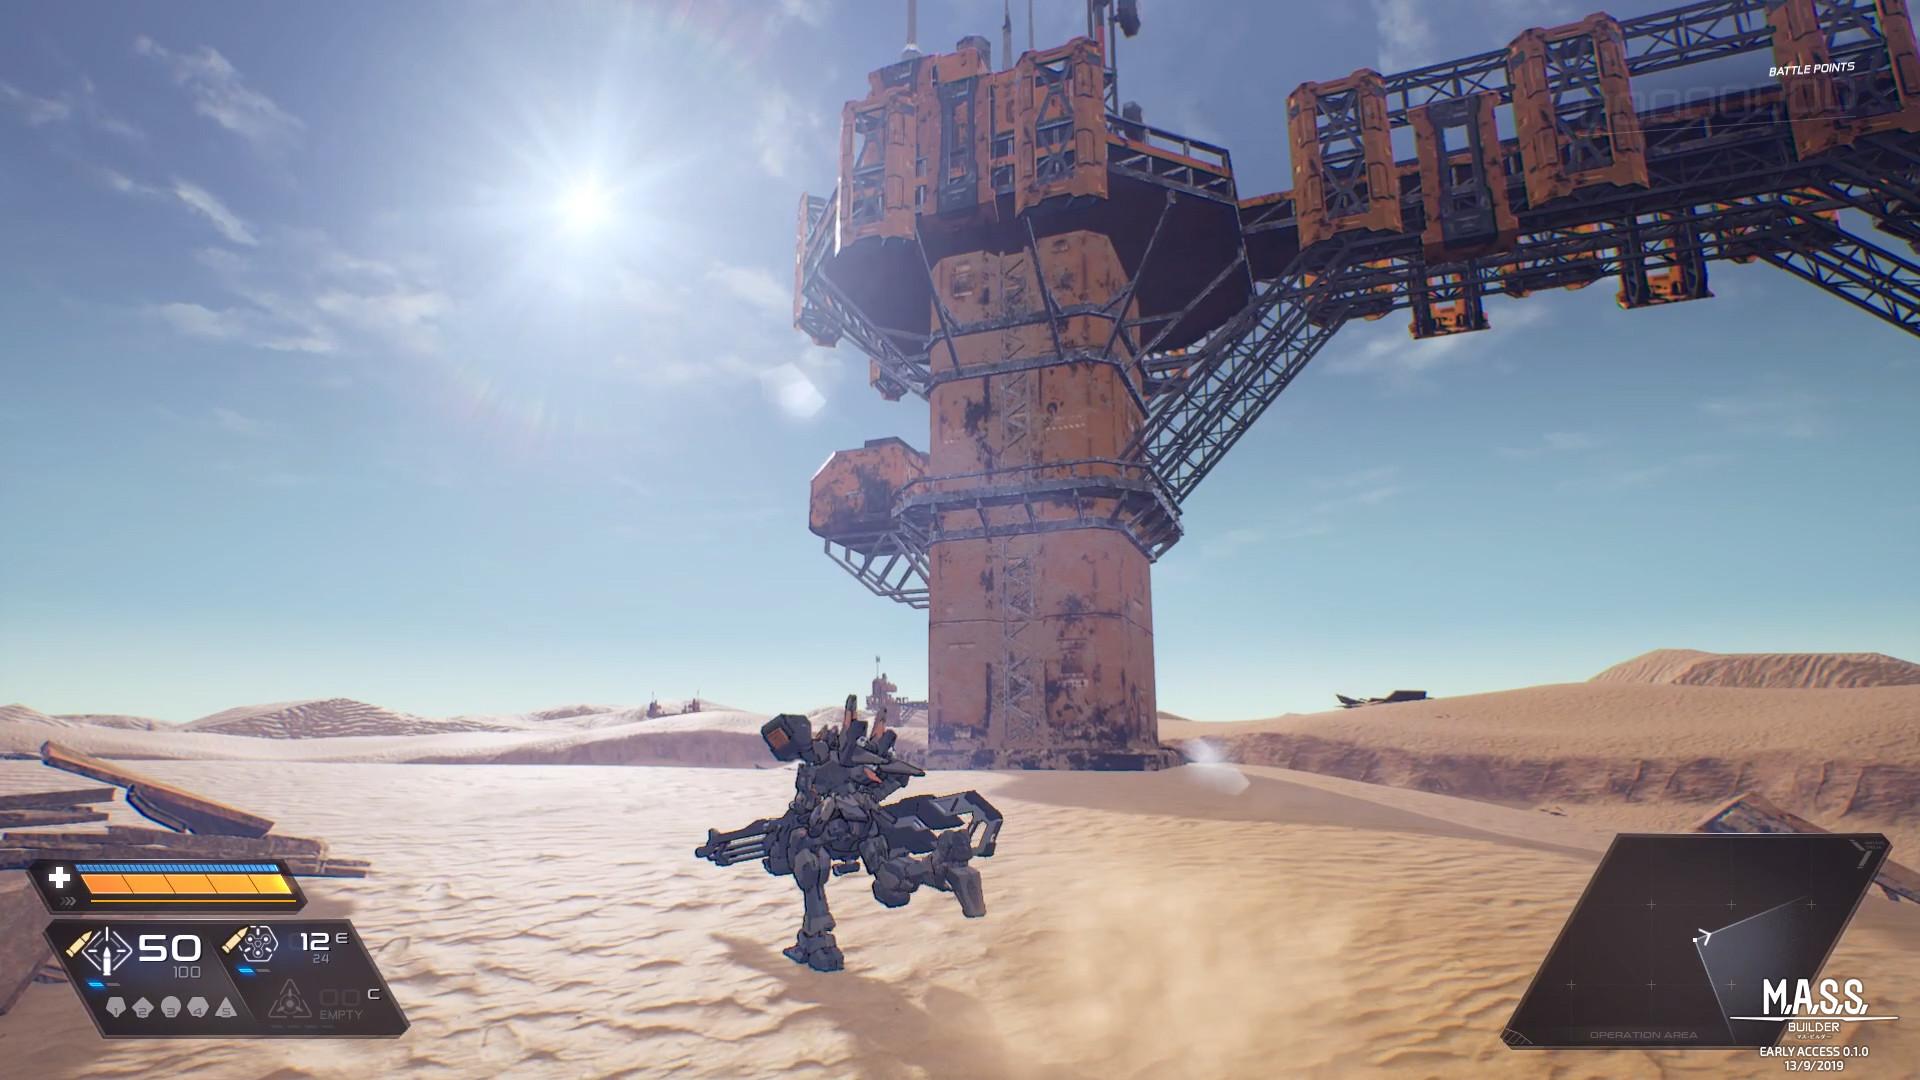 高达既视感强烈 泰国机甲游戏《M.A.S.S. Builder》EA版13日发行